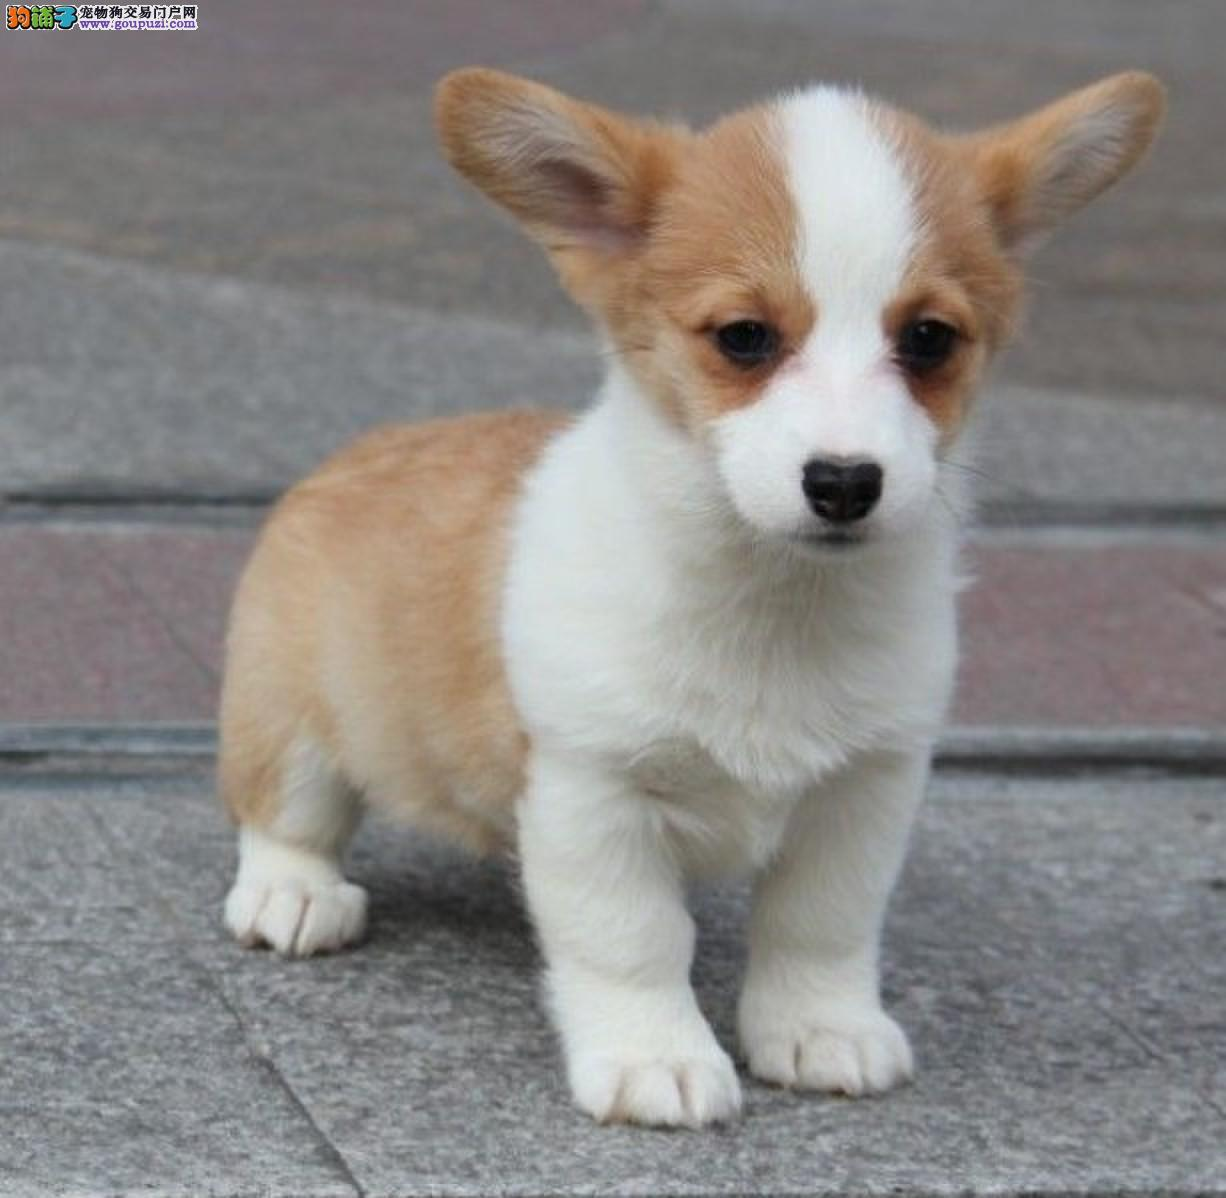 百分百纯正柯基犬 赛级血统 国际CKU皇家柯基犬